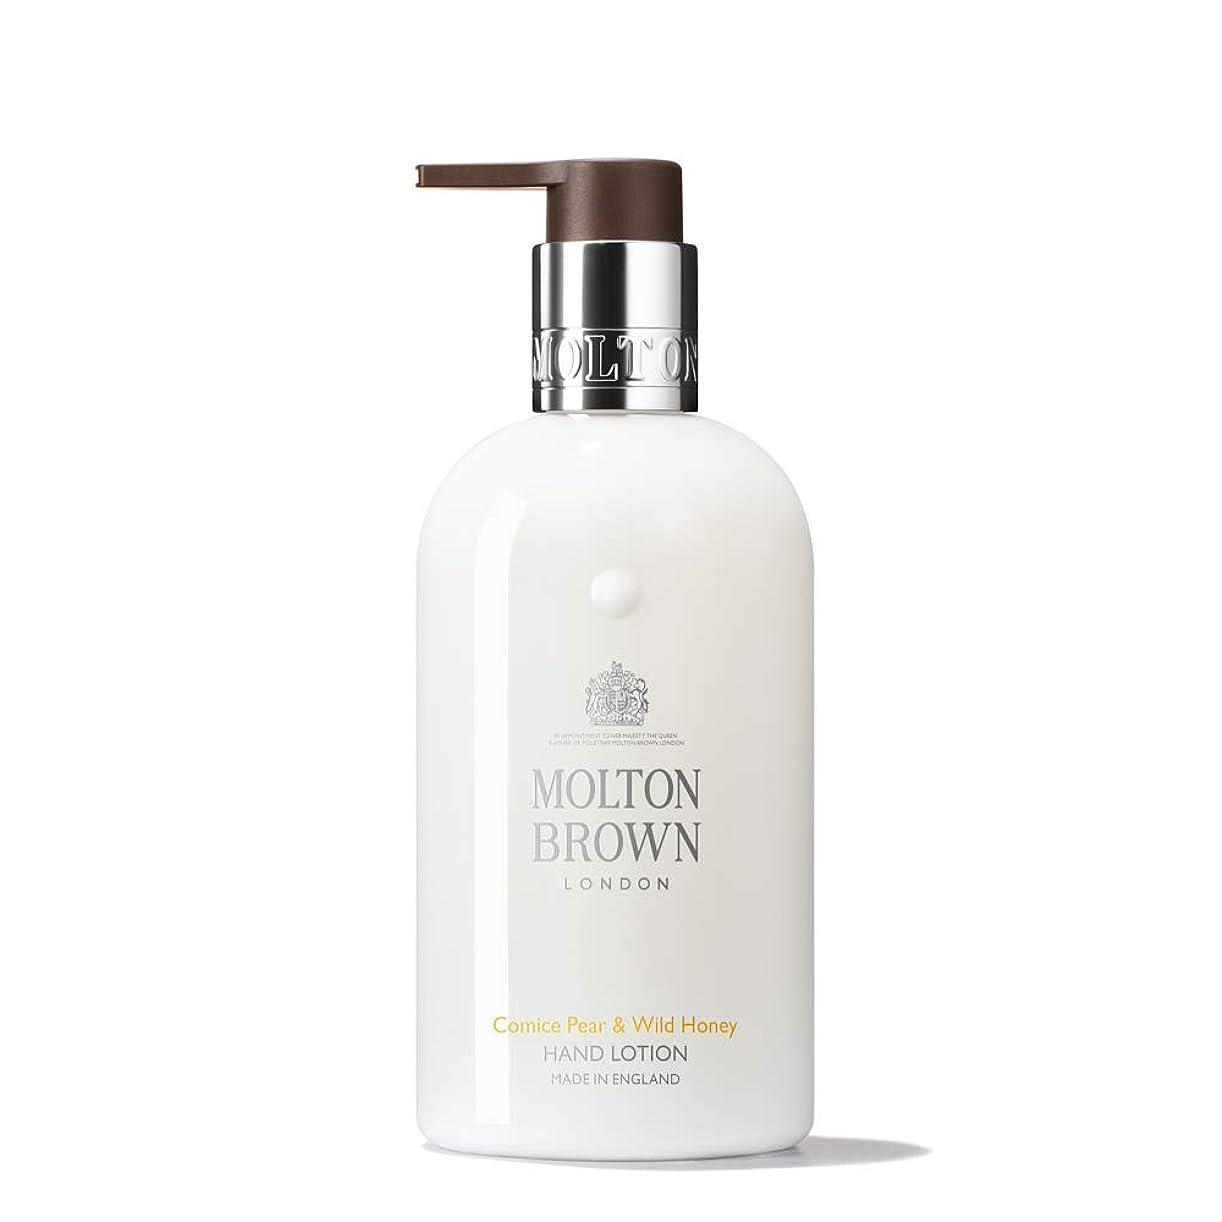 平らな冷蔵庫出発MOLTON BROWN(モルトンブラウン) コミスペア&ワイルドハニー ハンドローション